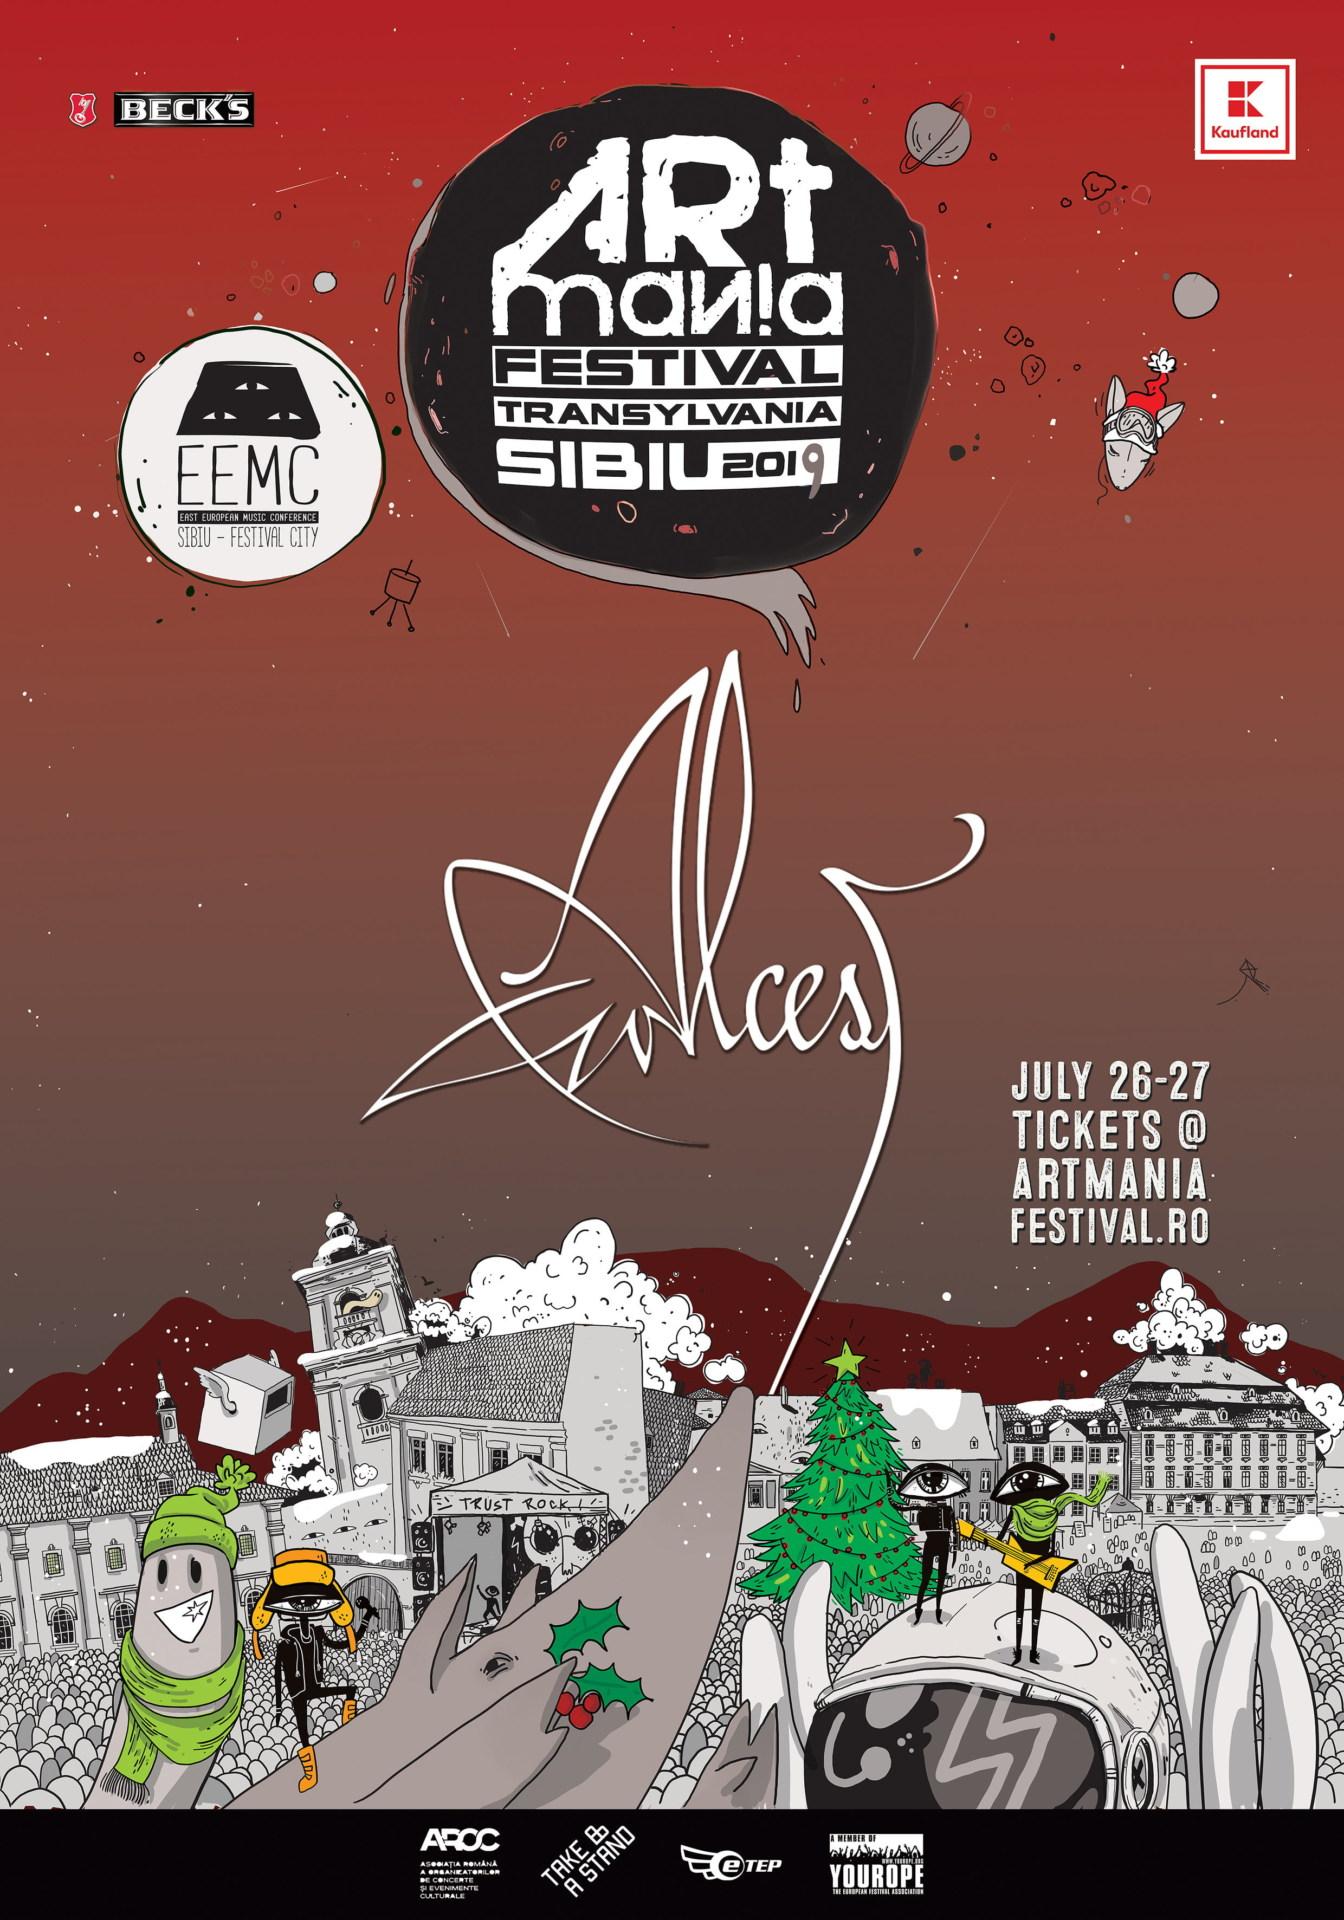 Blackgaze francez la ARTmania Festival 2019: Alcest vine pe scena din Piata Mare a Sibiului